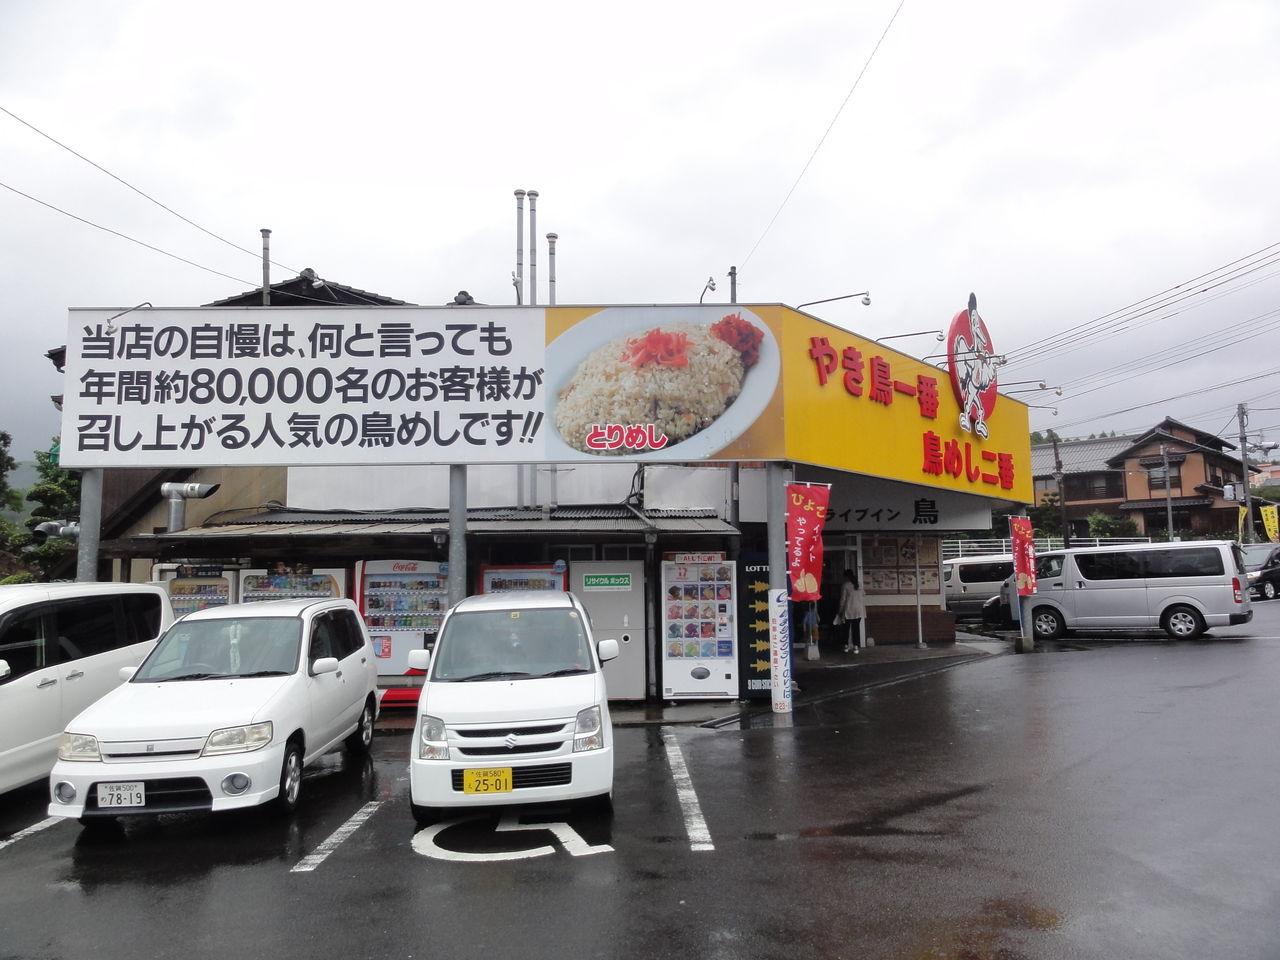 [2014-14-03]ドライブイン鳥伊万里店(伊万里市) : FLY! FLY HIGH!!